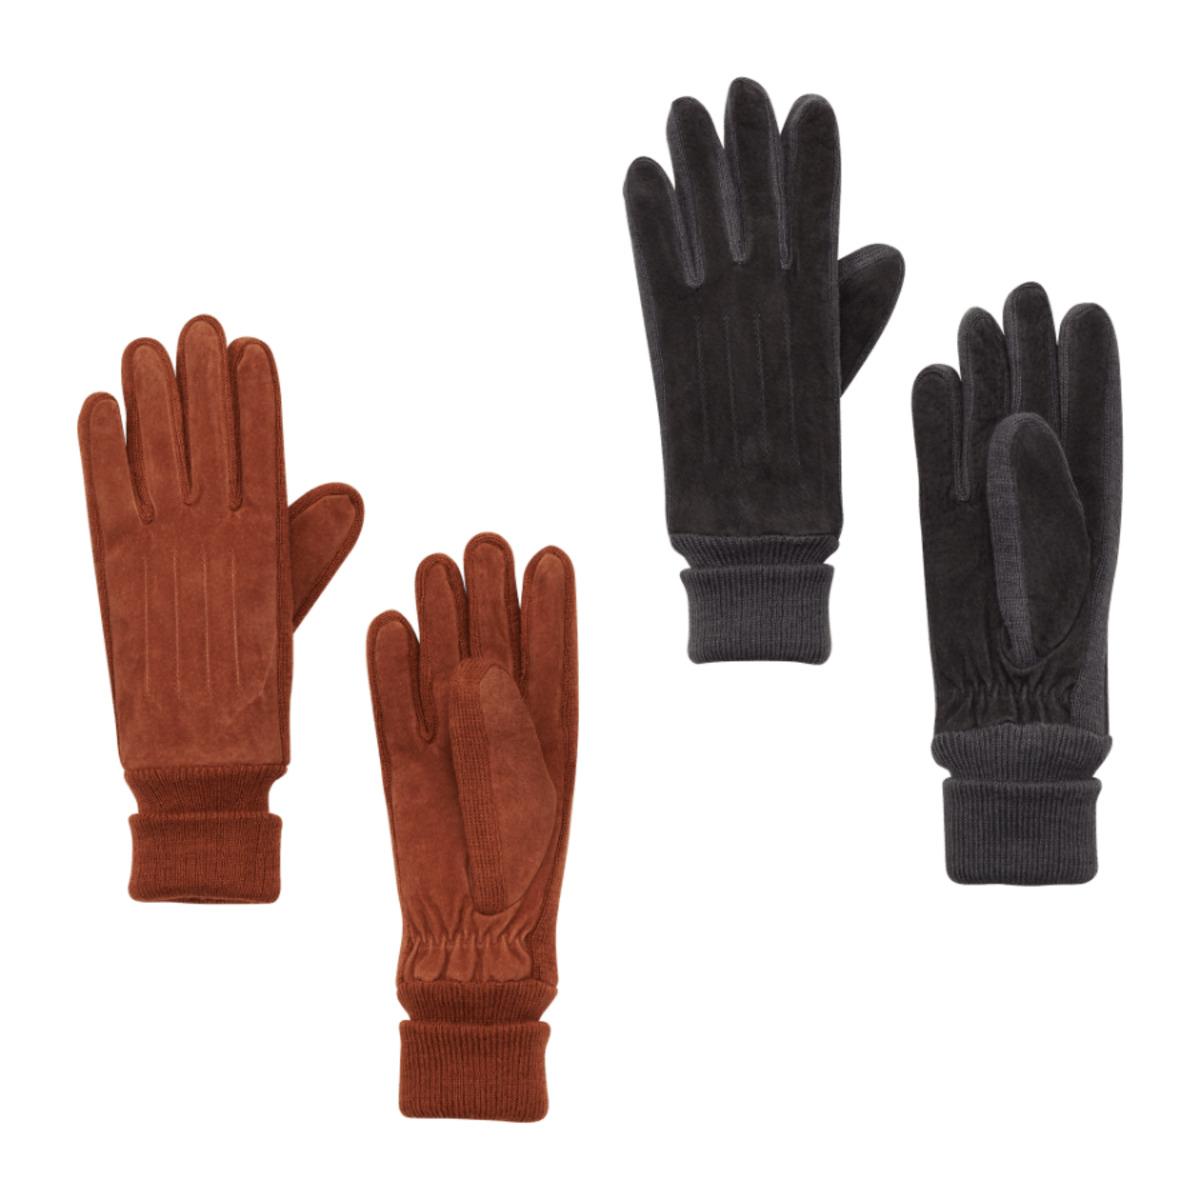 Bild 1 von ROYAL LIFE     Veloursleder-Handschuhe